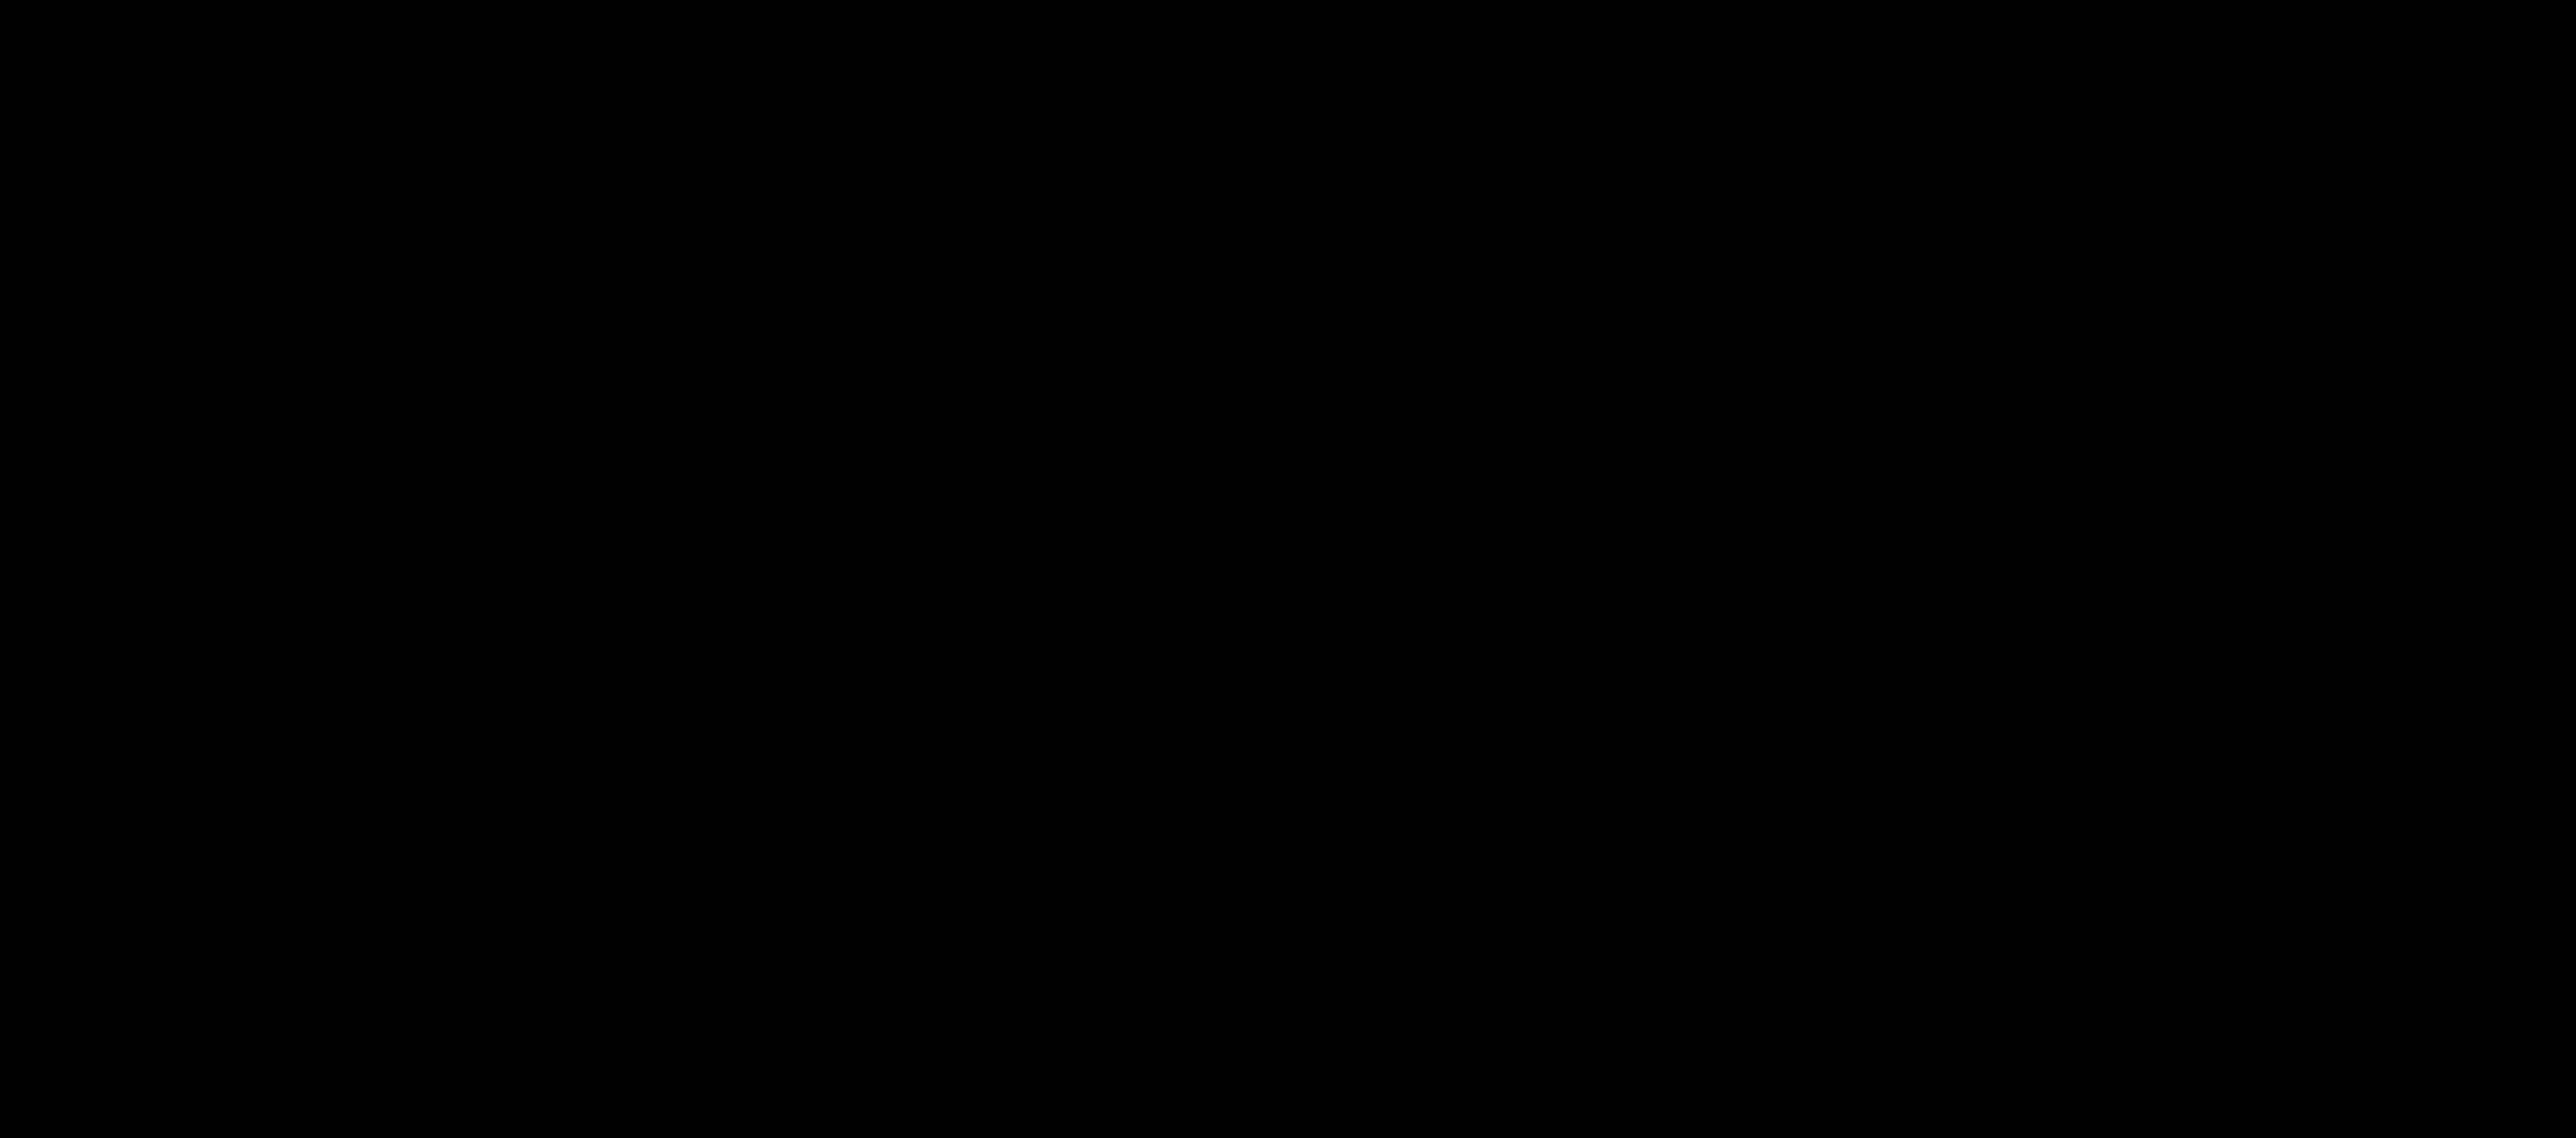 Cheap Hotels Around Yosemite